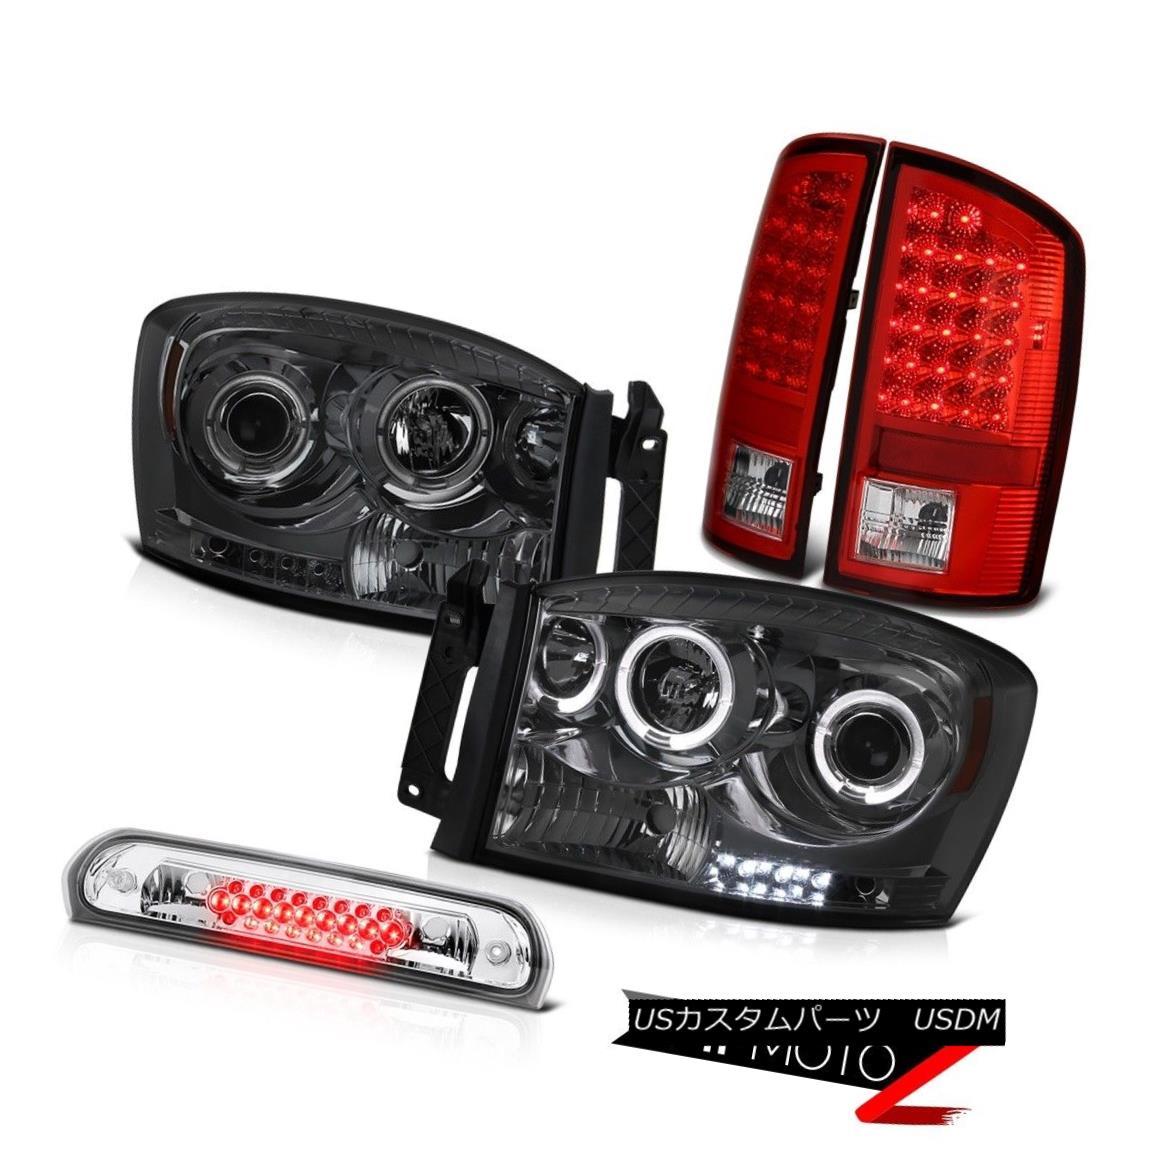 テールライト Smoke Headlight Red LED Signal Tail Light Roof Brake Cargo 2007-2008 Dodge Ram スモークヘッドライトレッドLEDシグナルテールライトルーフブレーキカーゴ2007-2008ダッジラム